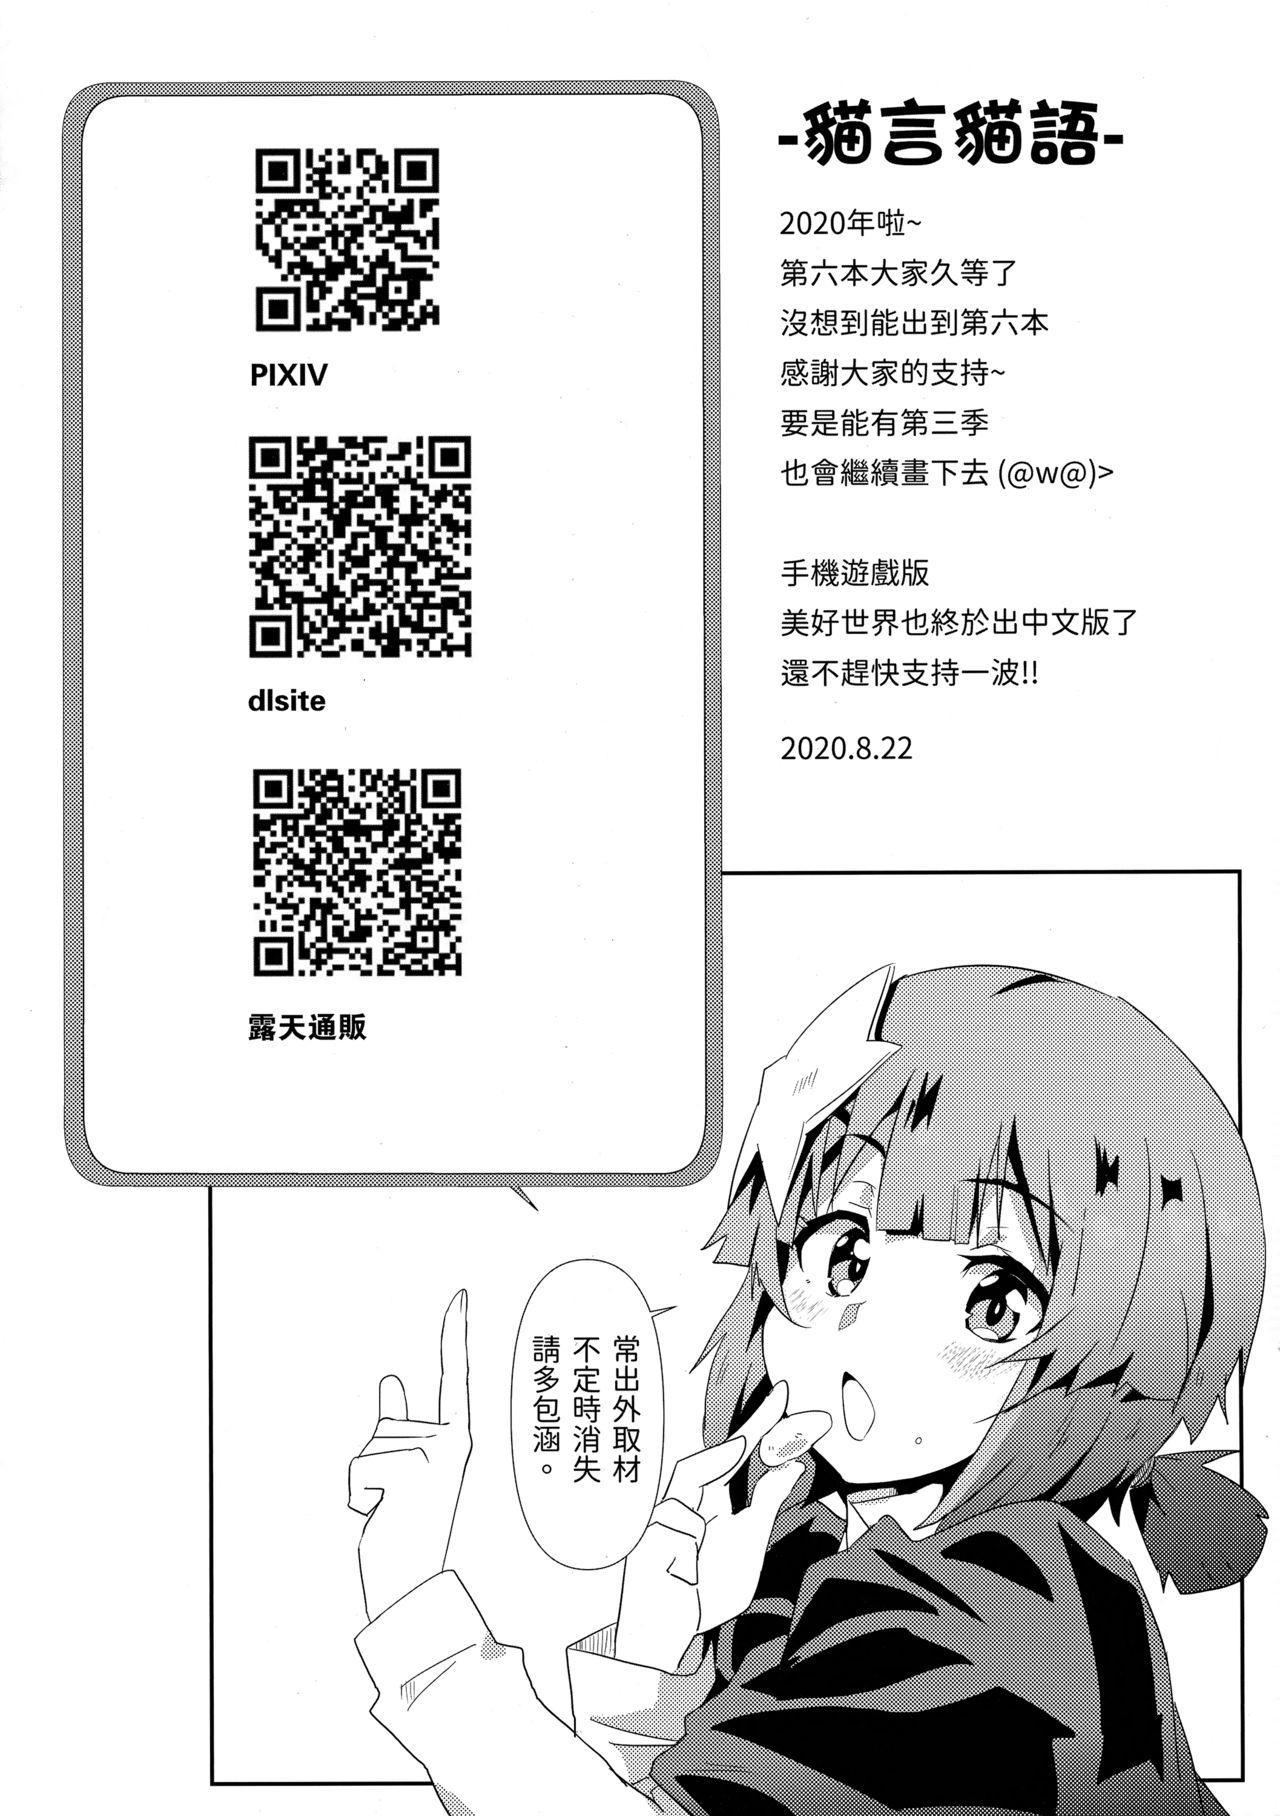 Megumin ni Kareina Shasei o! 6 | 為惠惠獻上華麗的爆射6! 19